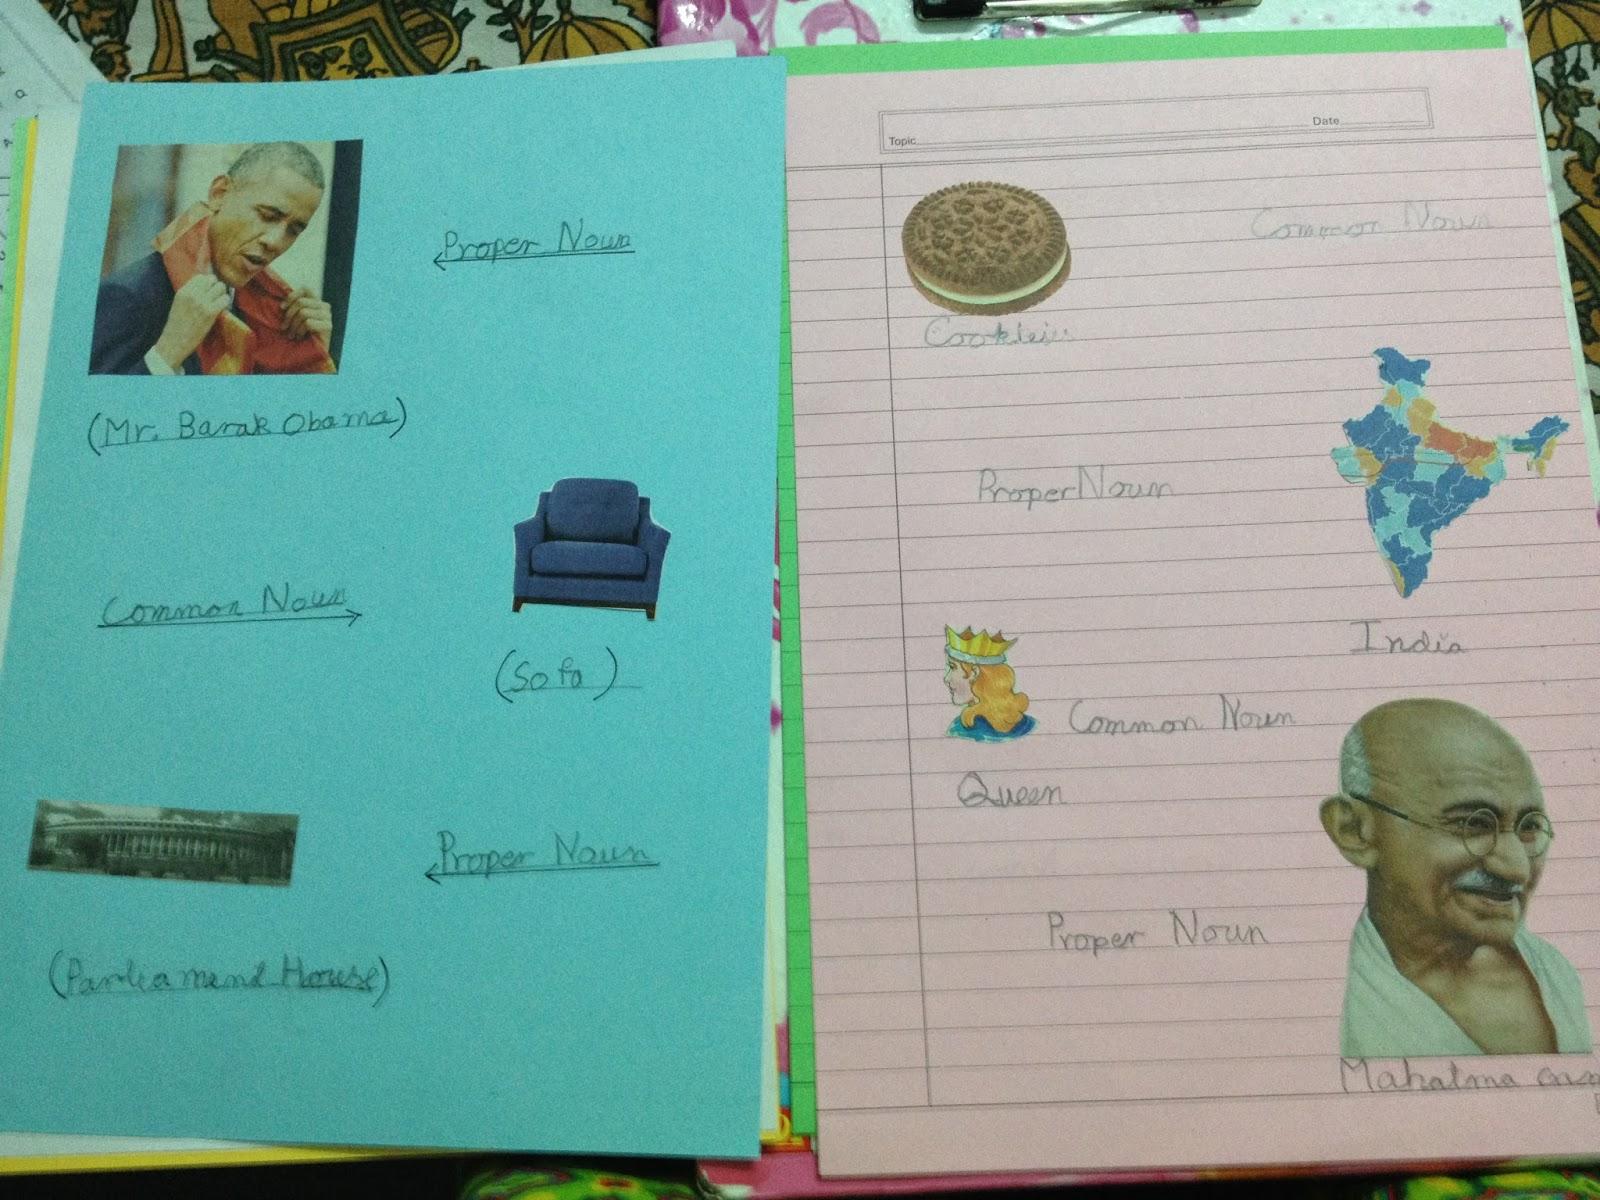 My Life As A Maa Common Noun Proper Noun Holiday Homework